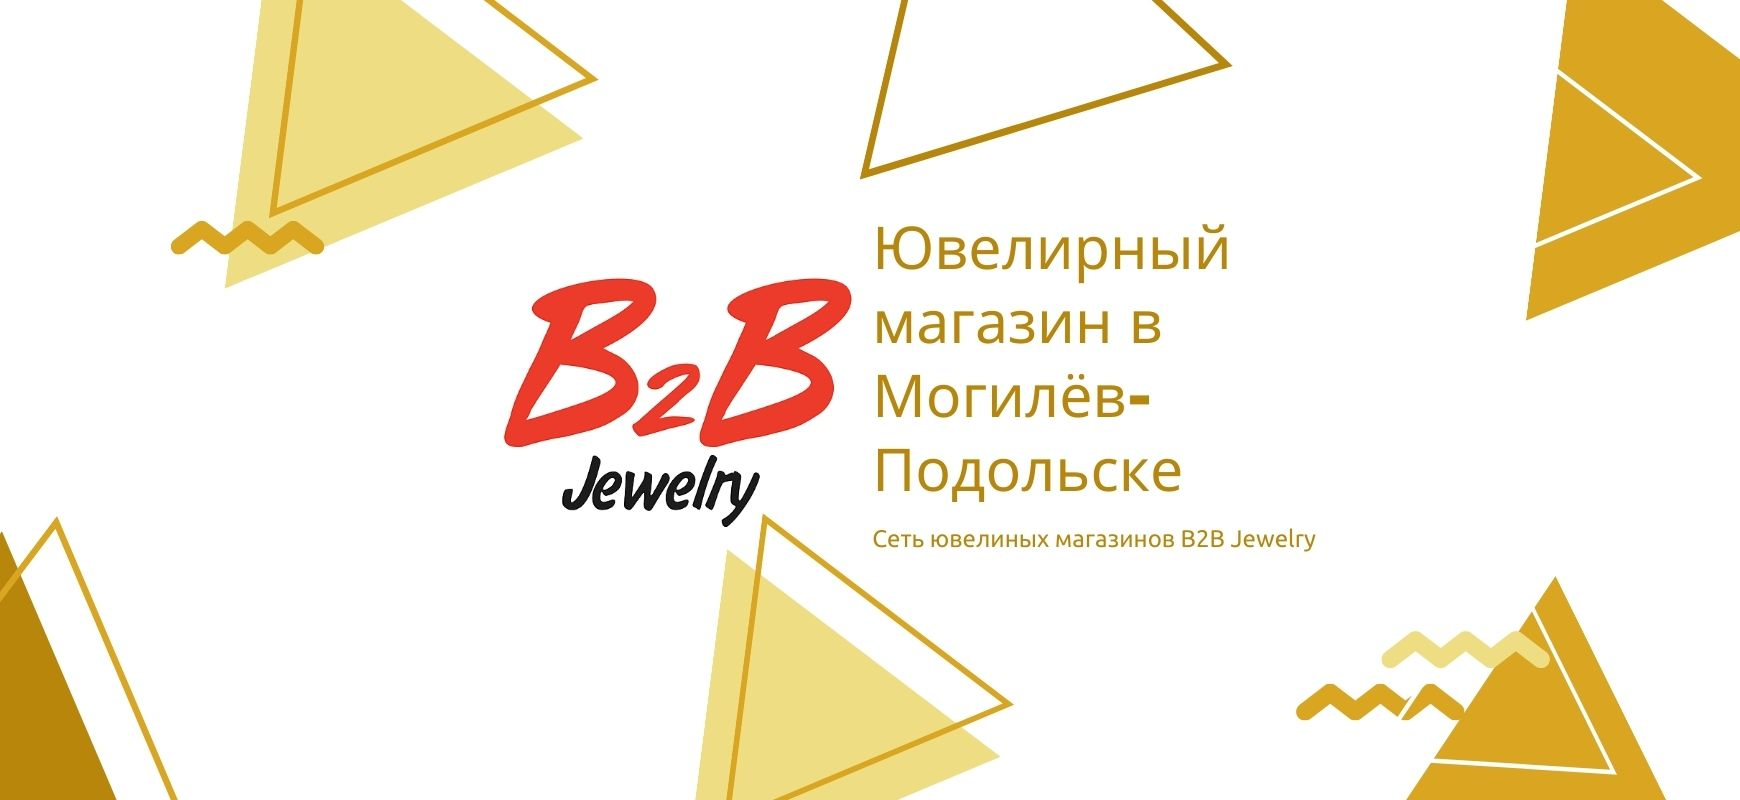 B2B JEWELRY МОГИЛЁВ-ПОДОЛЬСКИЙ